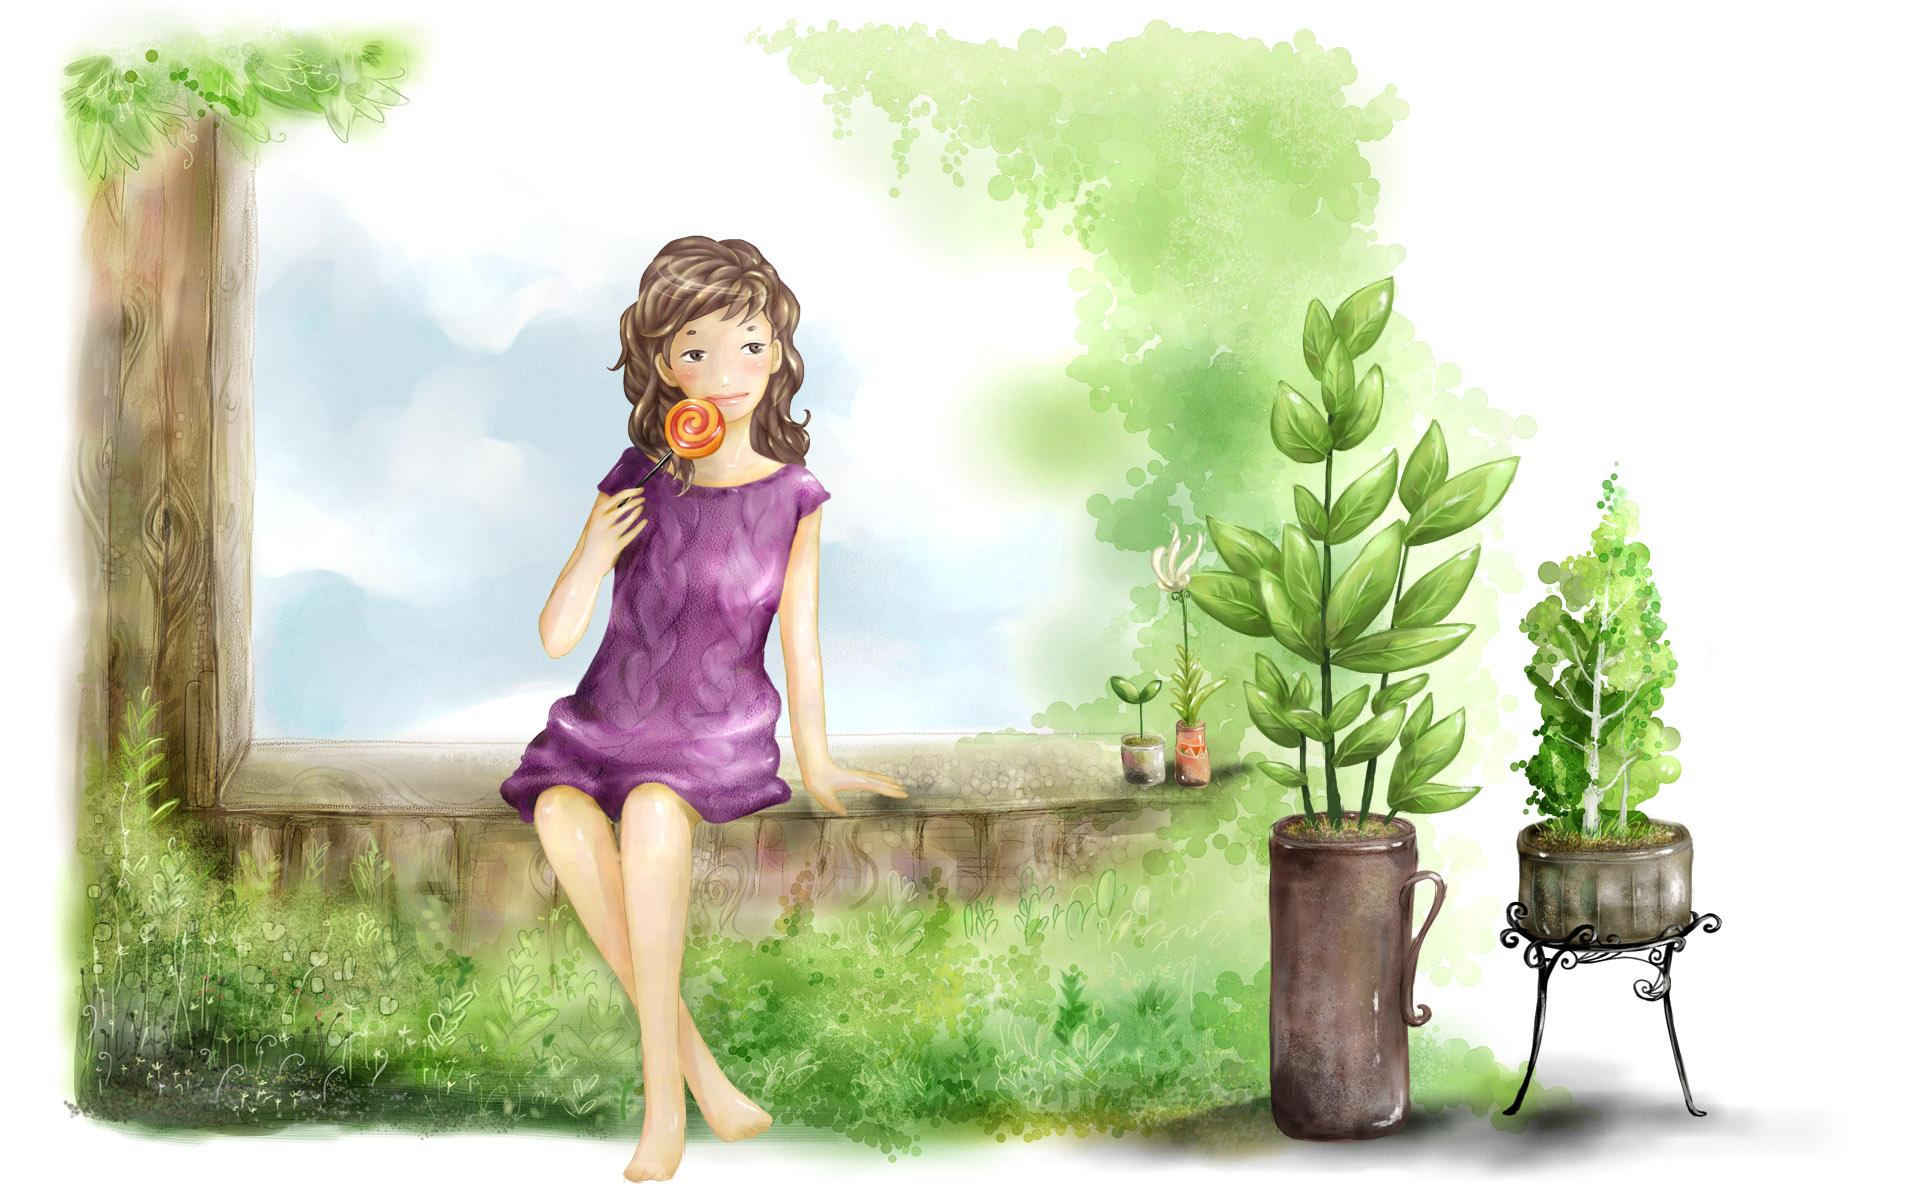 Cute Cartoon Wallpapers For Girls Wallpapersafari